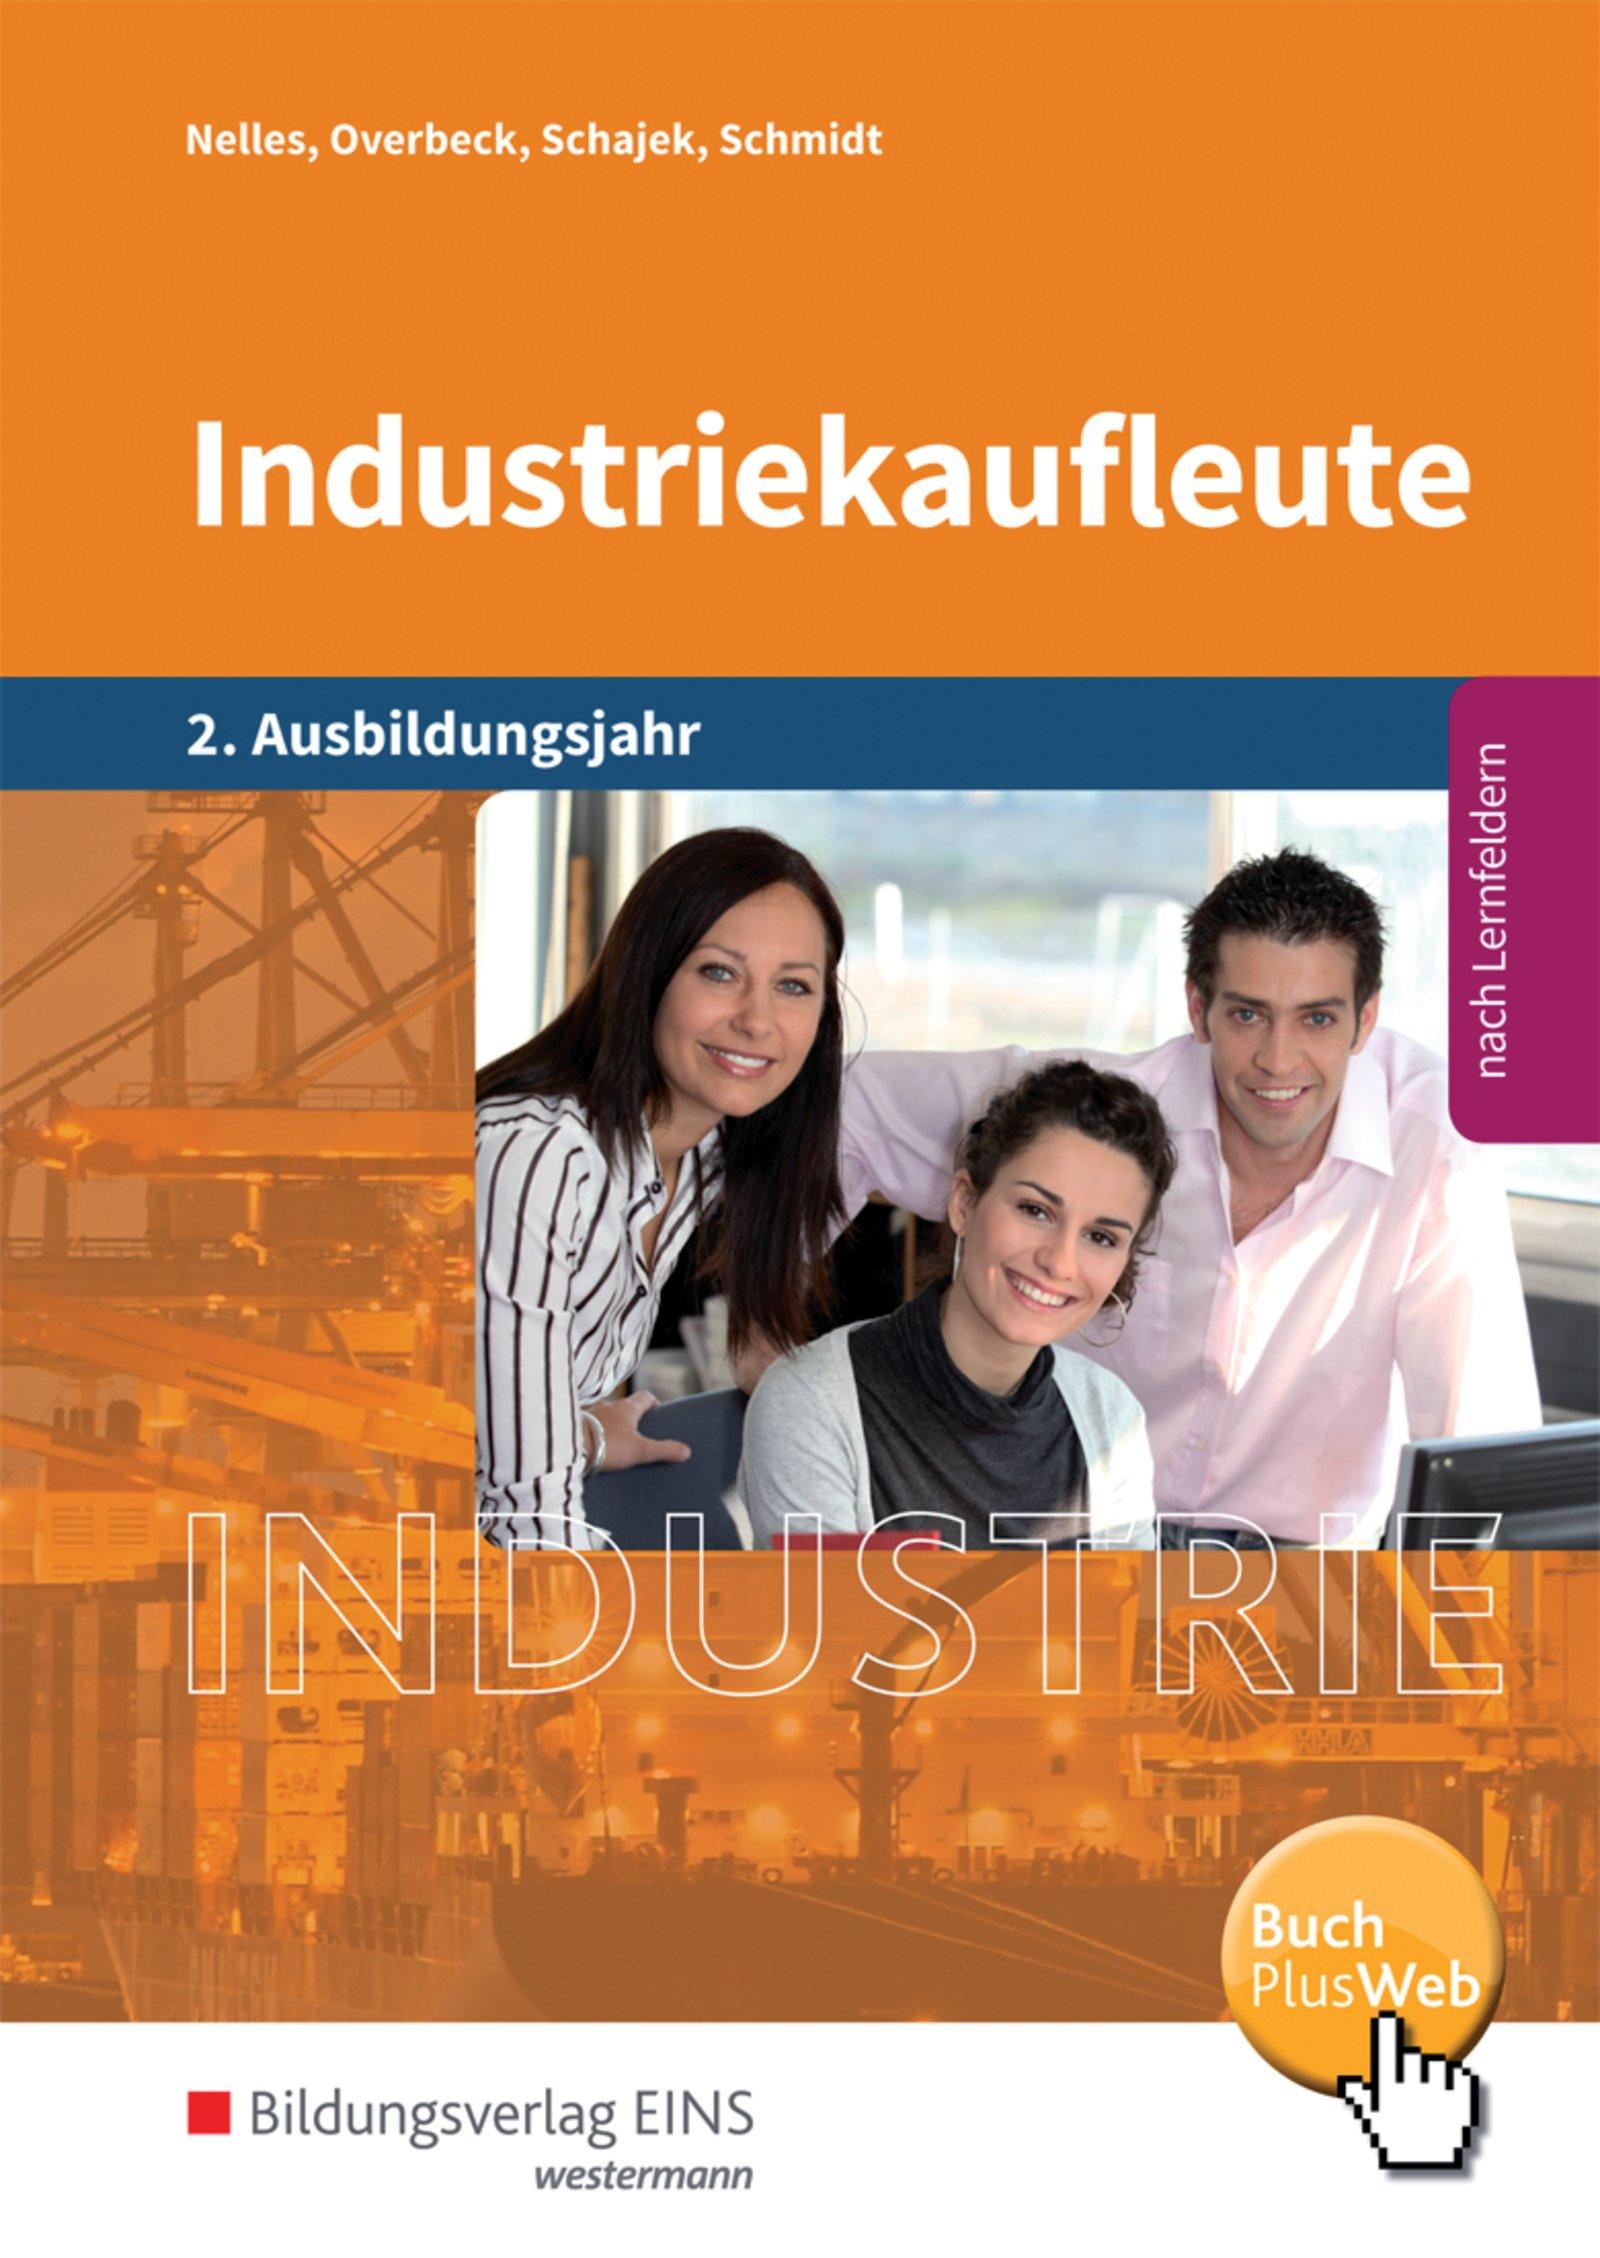 Ausbildungsjahr: Schülerband: Amazon.de: Monika Nelles, Dirk Overbeck,  Markus Schajek, Christian Schmidt: Bücher